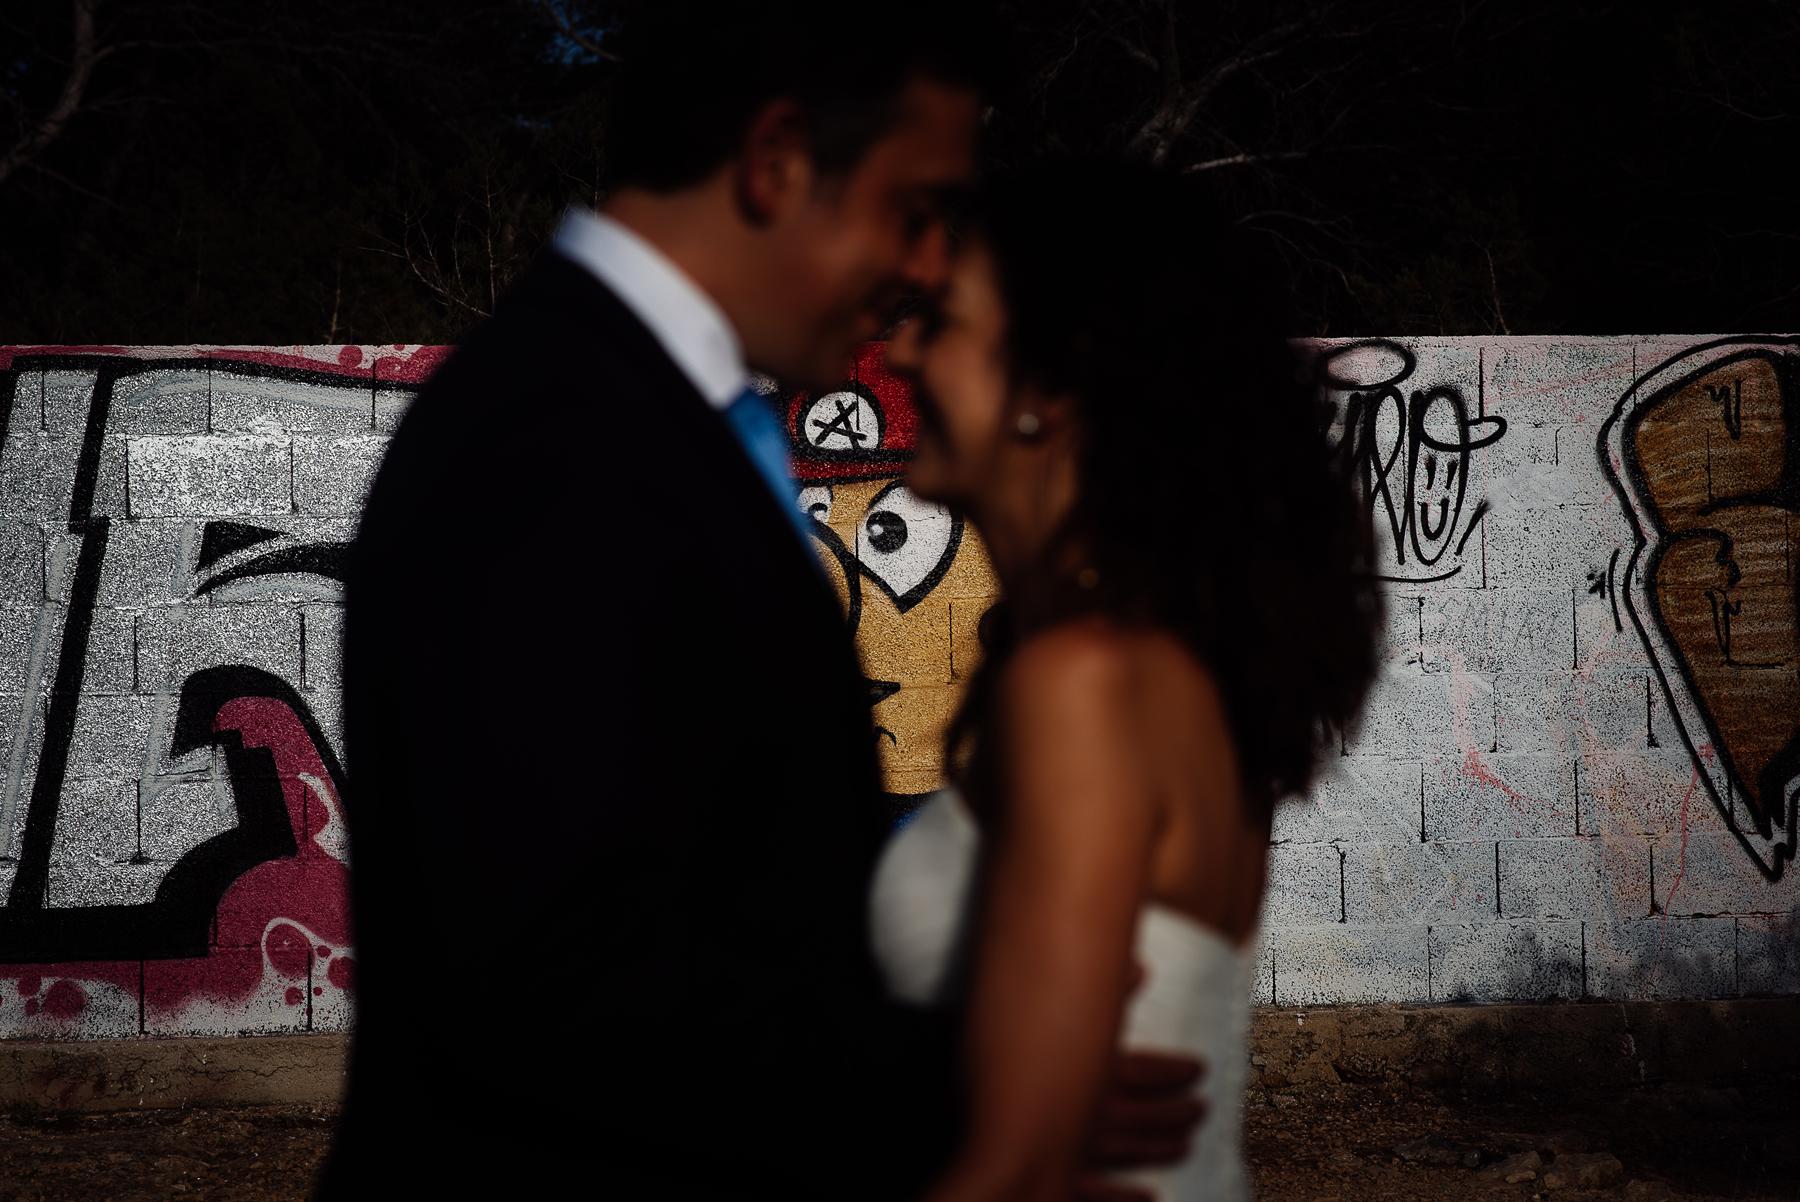 mario is looking at bride